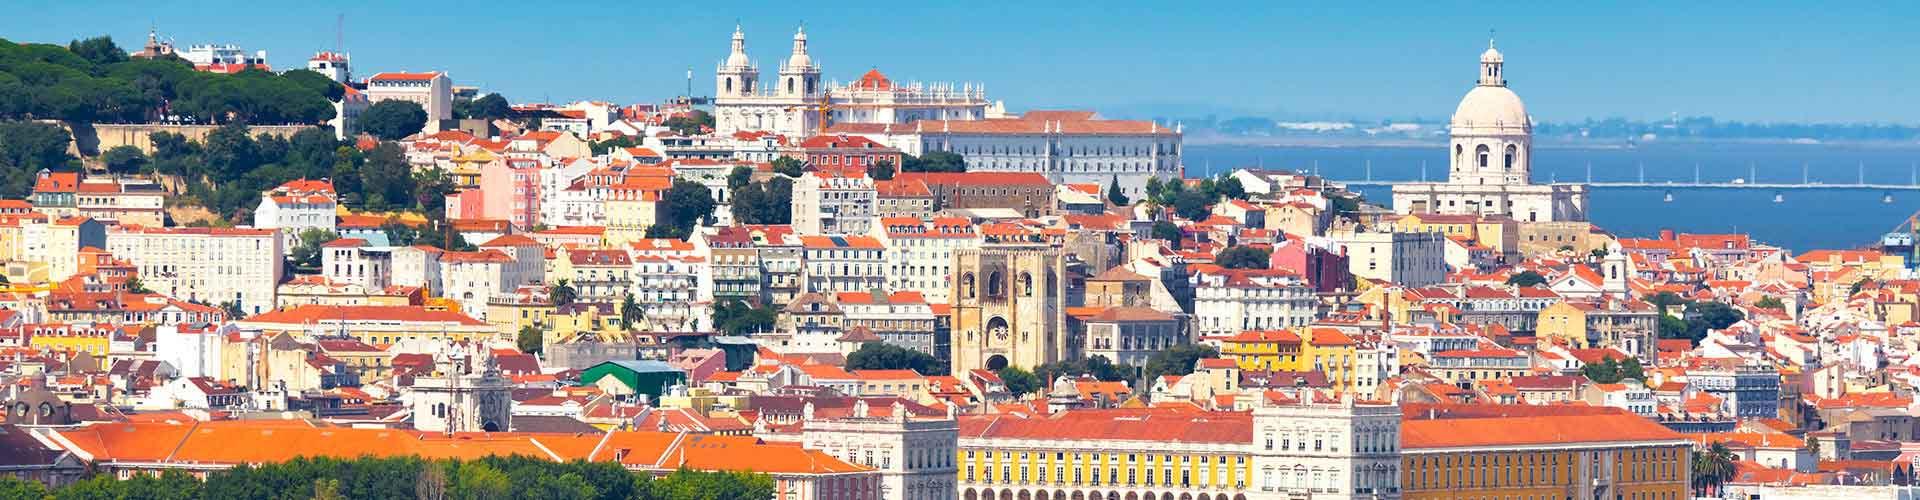 Lissabon – Hostels in Lissabon. Lissabon auf der Karte. Fotos und Bewertungen für jedes Hostel in Lissabon.